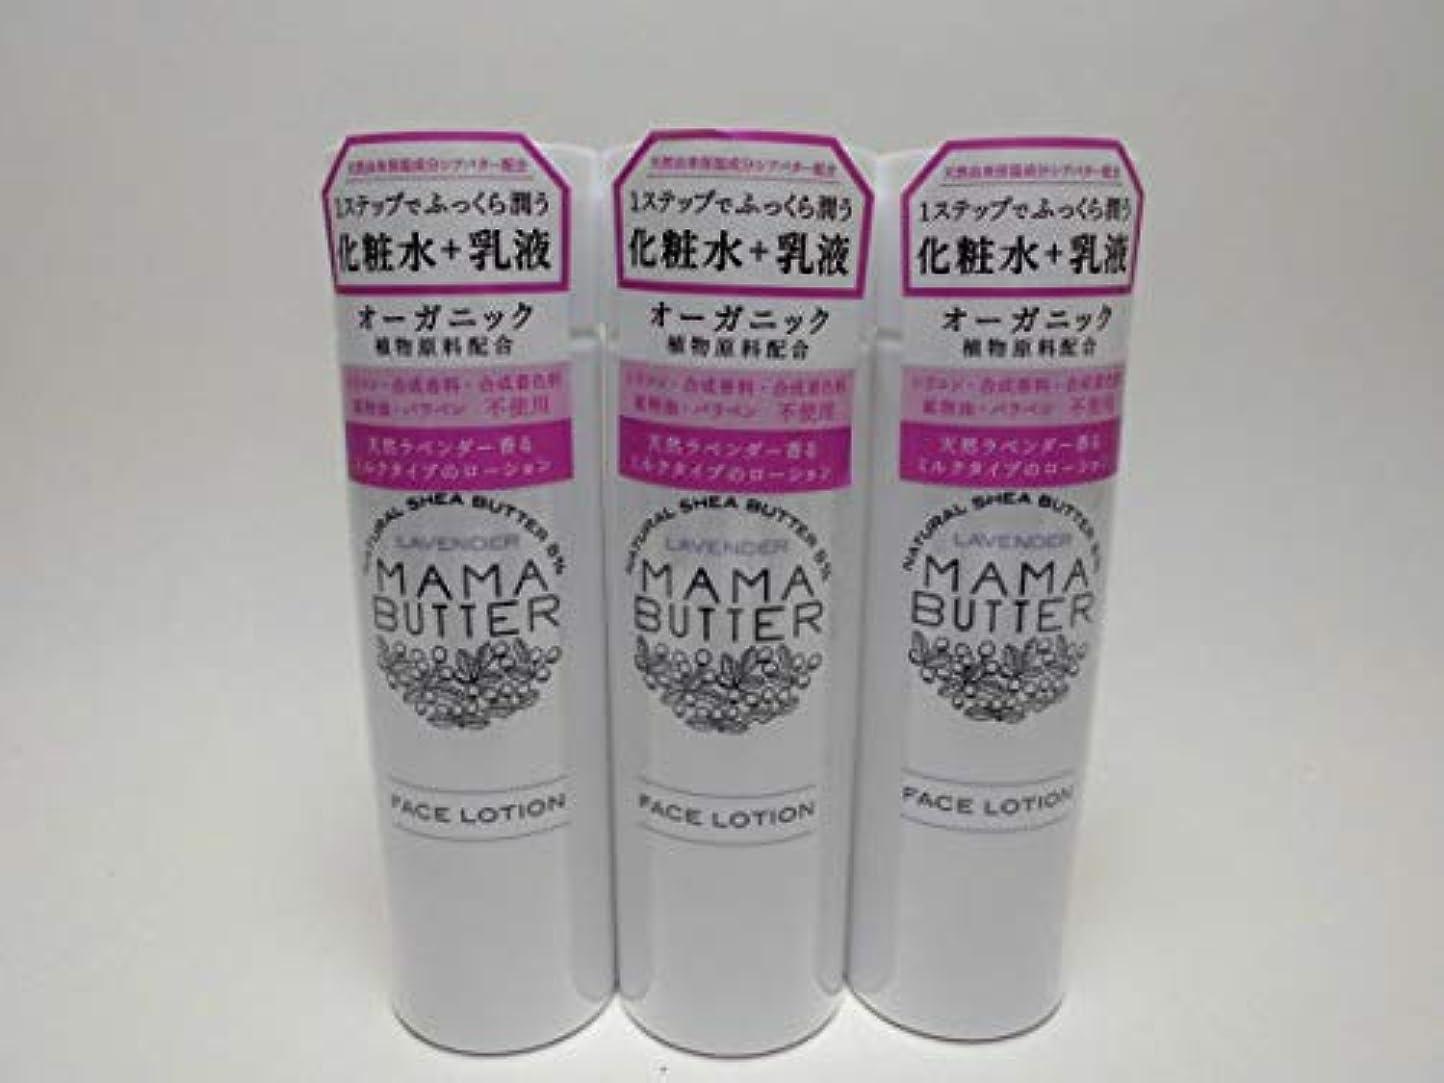 普遍的なキャラクター交通渋滞【3個セット】ママバター 化粧水 フェイスローション 200ml 定価1620円